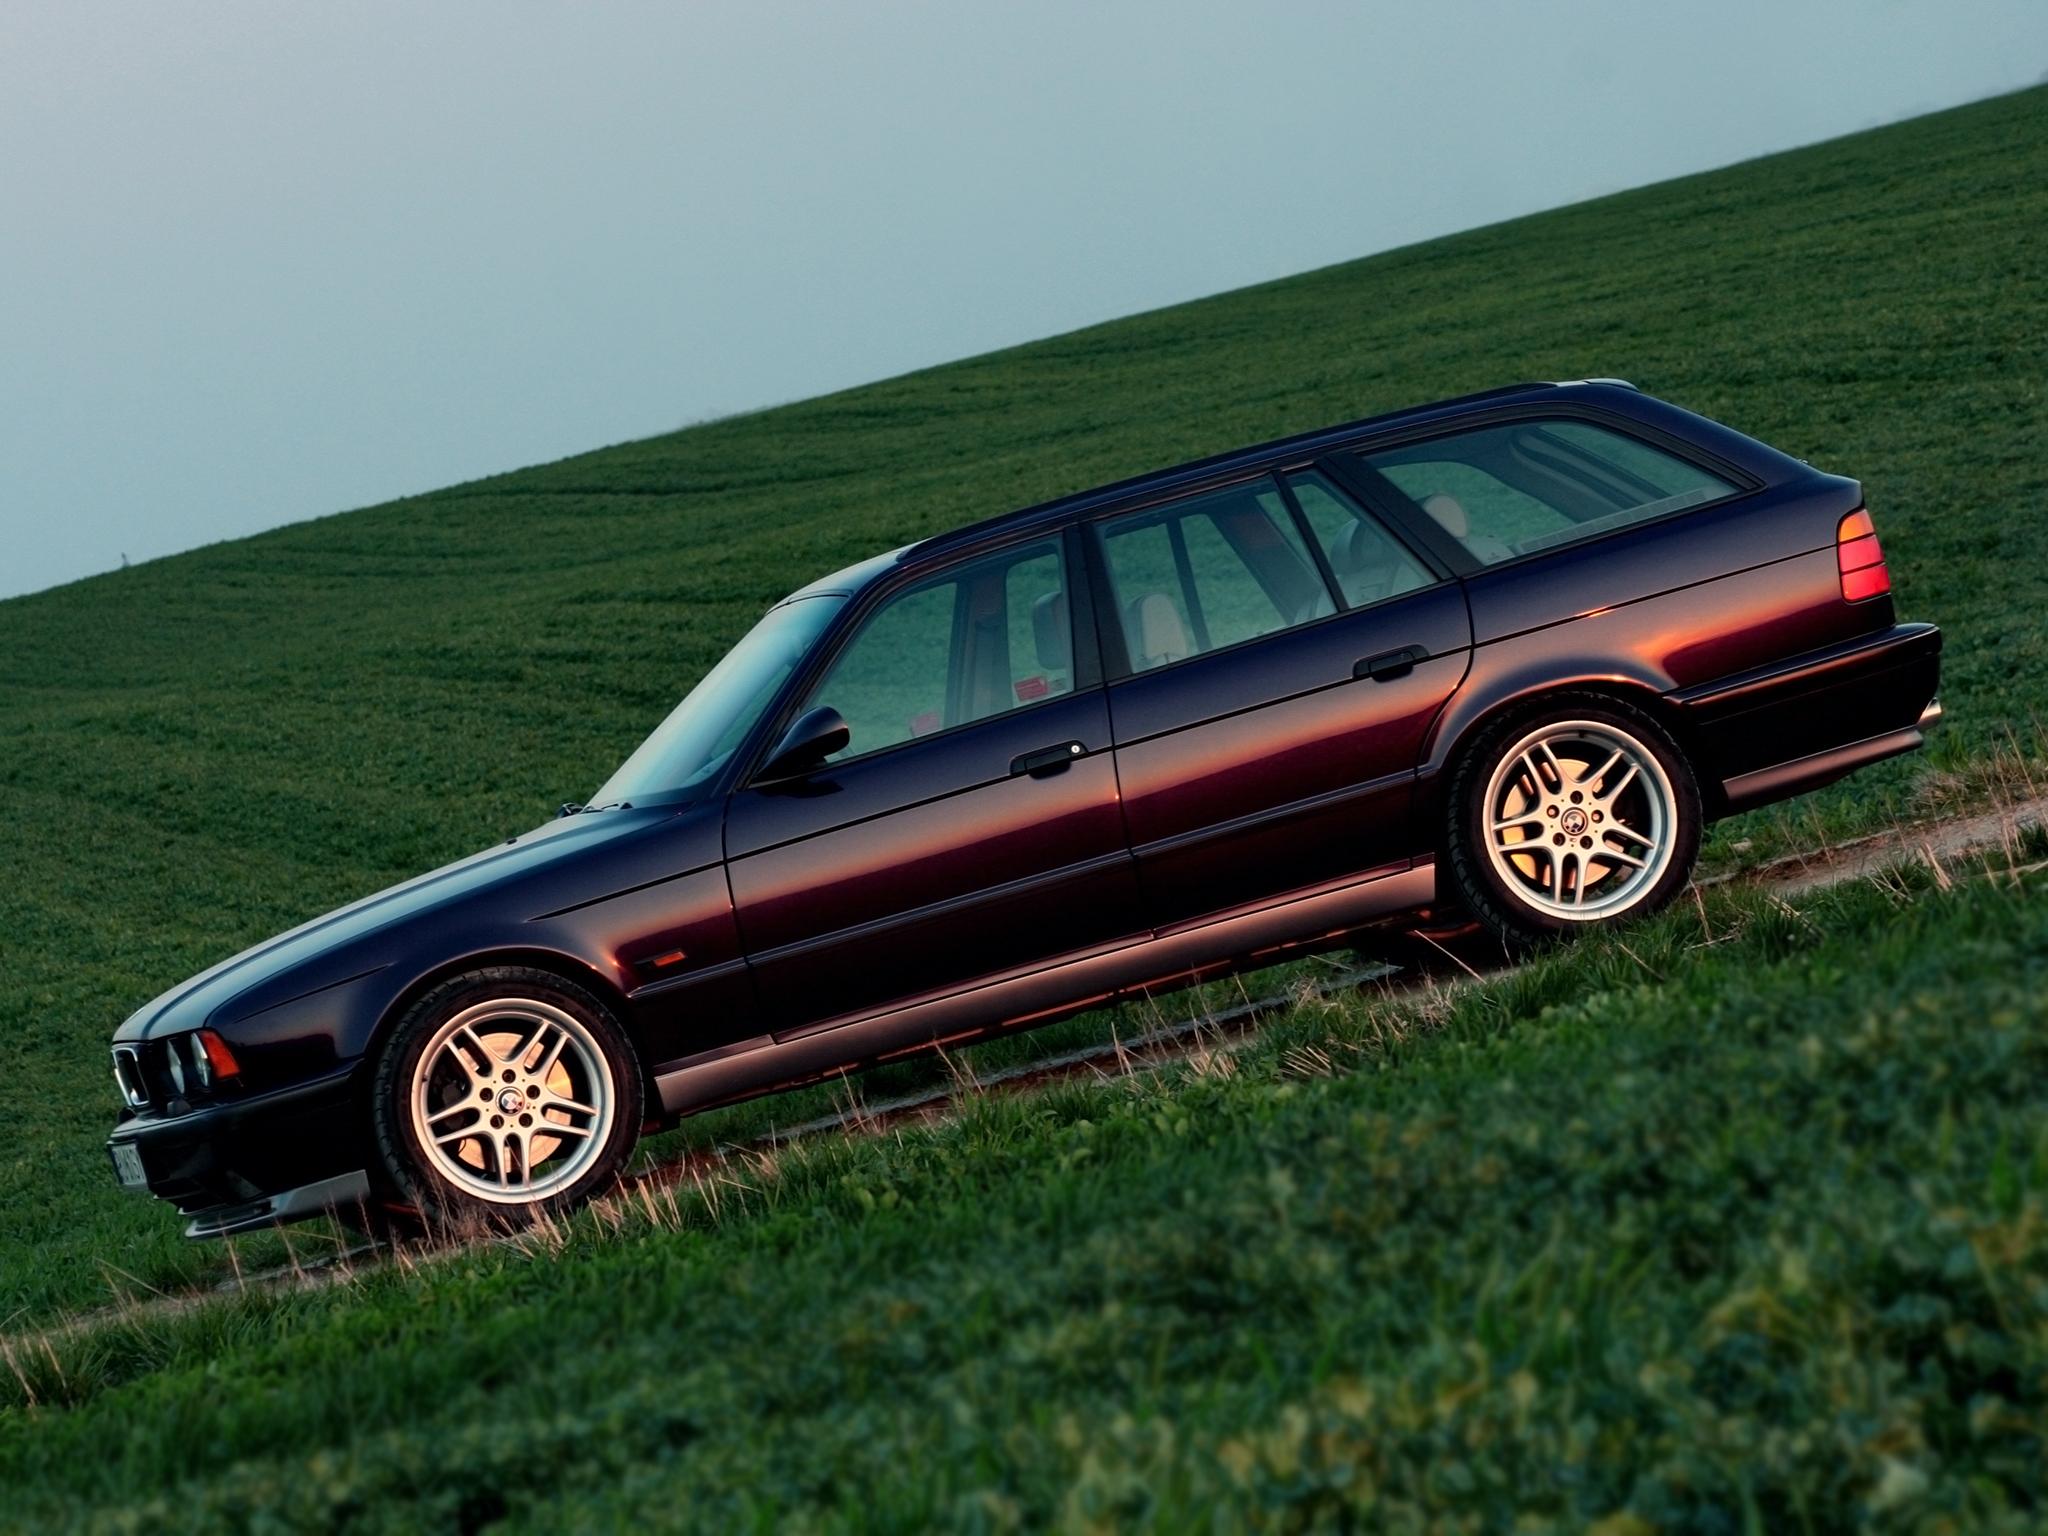 Редчайший универсал BMW M5 E34 с мотором McLaren, о котором никто не знал